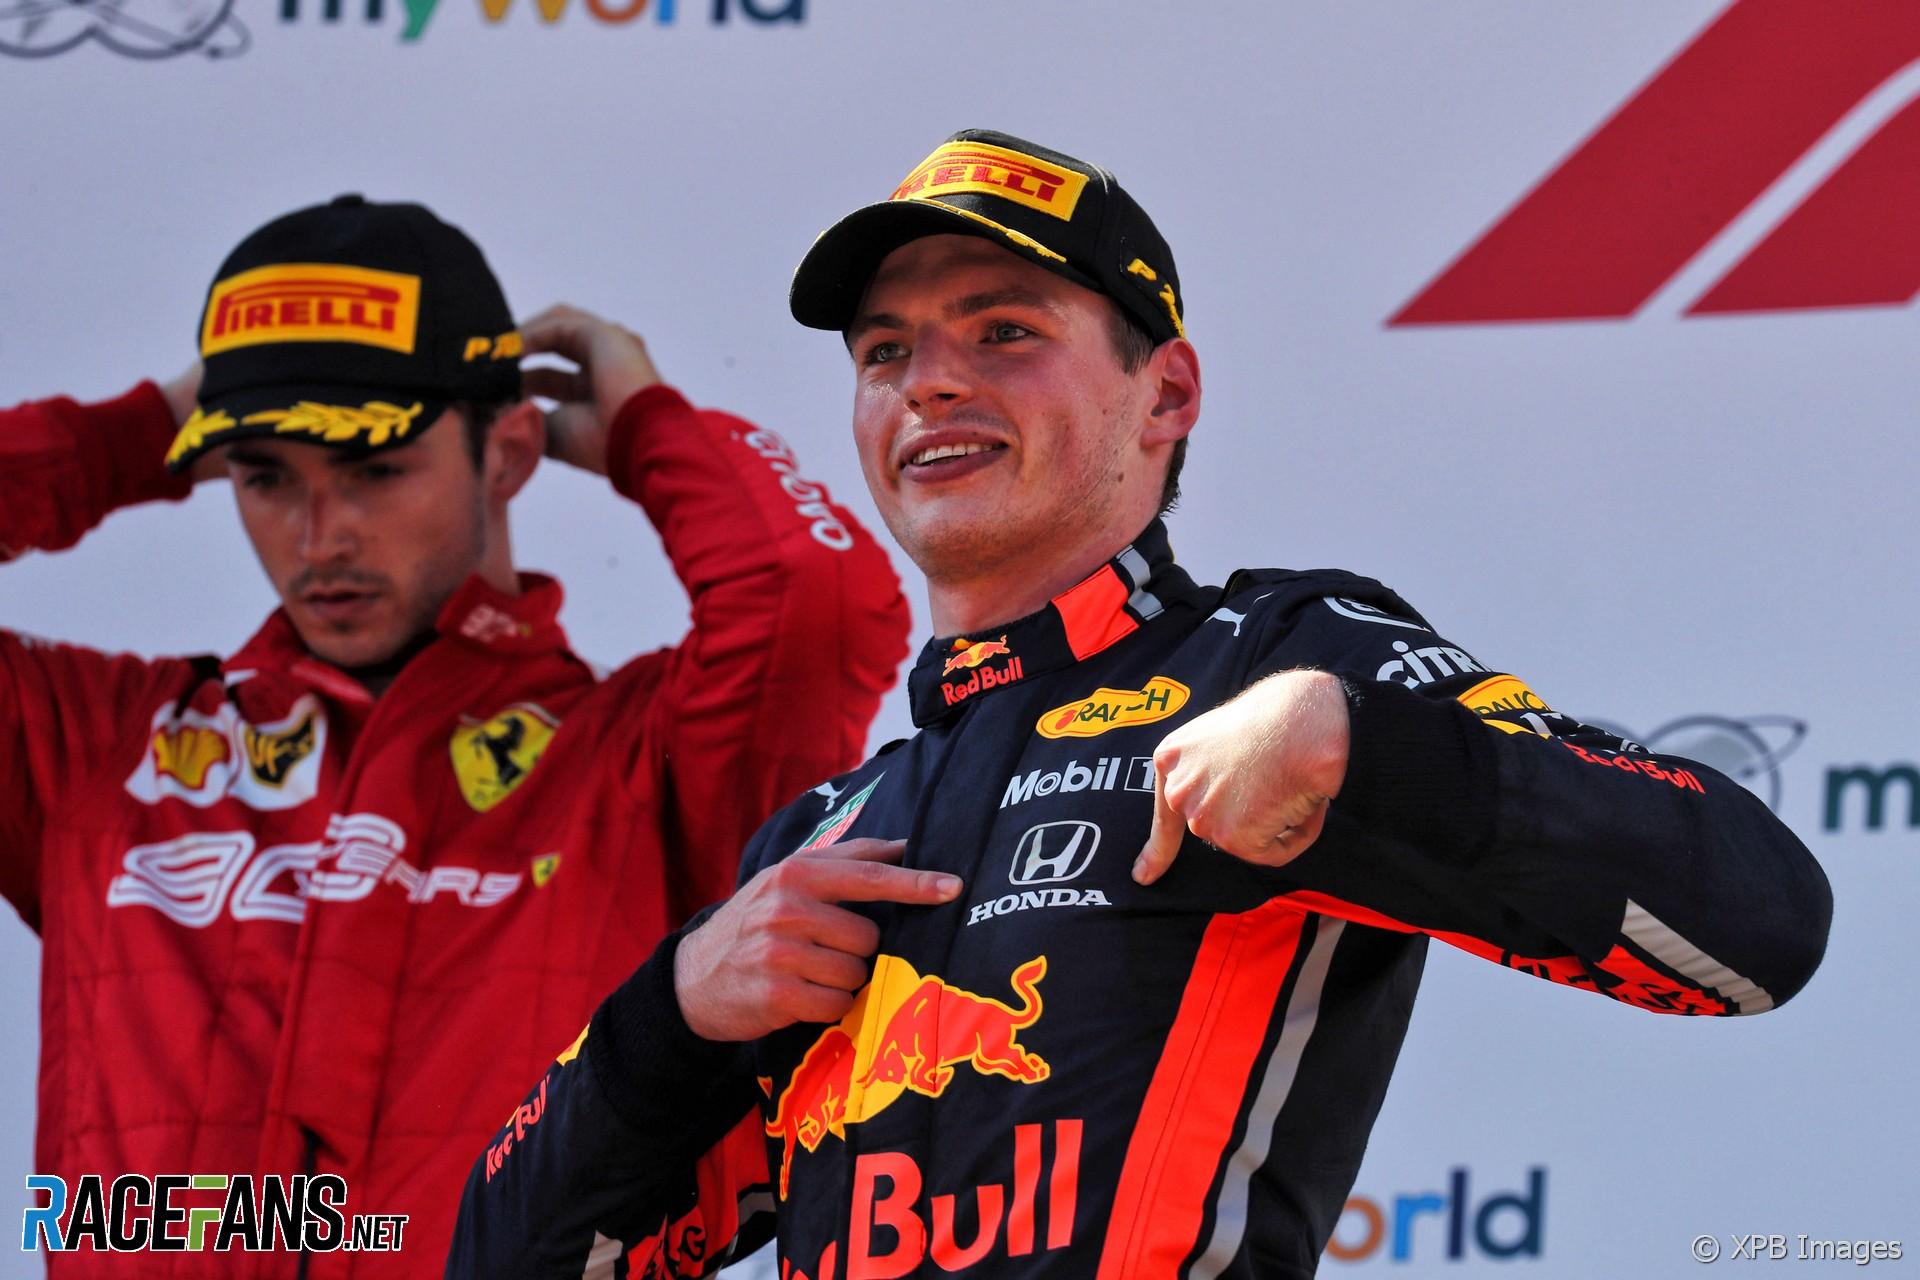 Max Verstappen, Charles Leclerc, Red Bull Ring, 2019